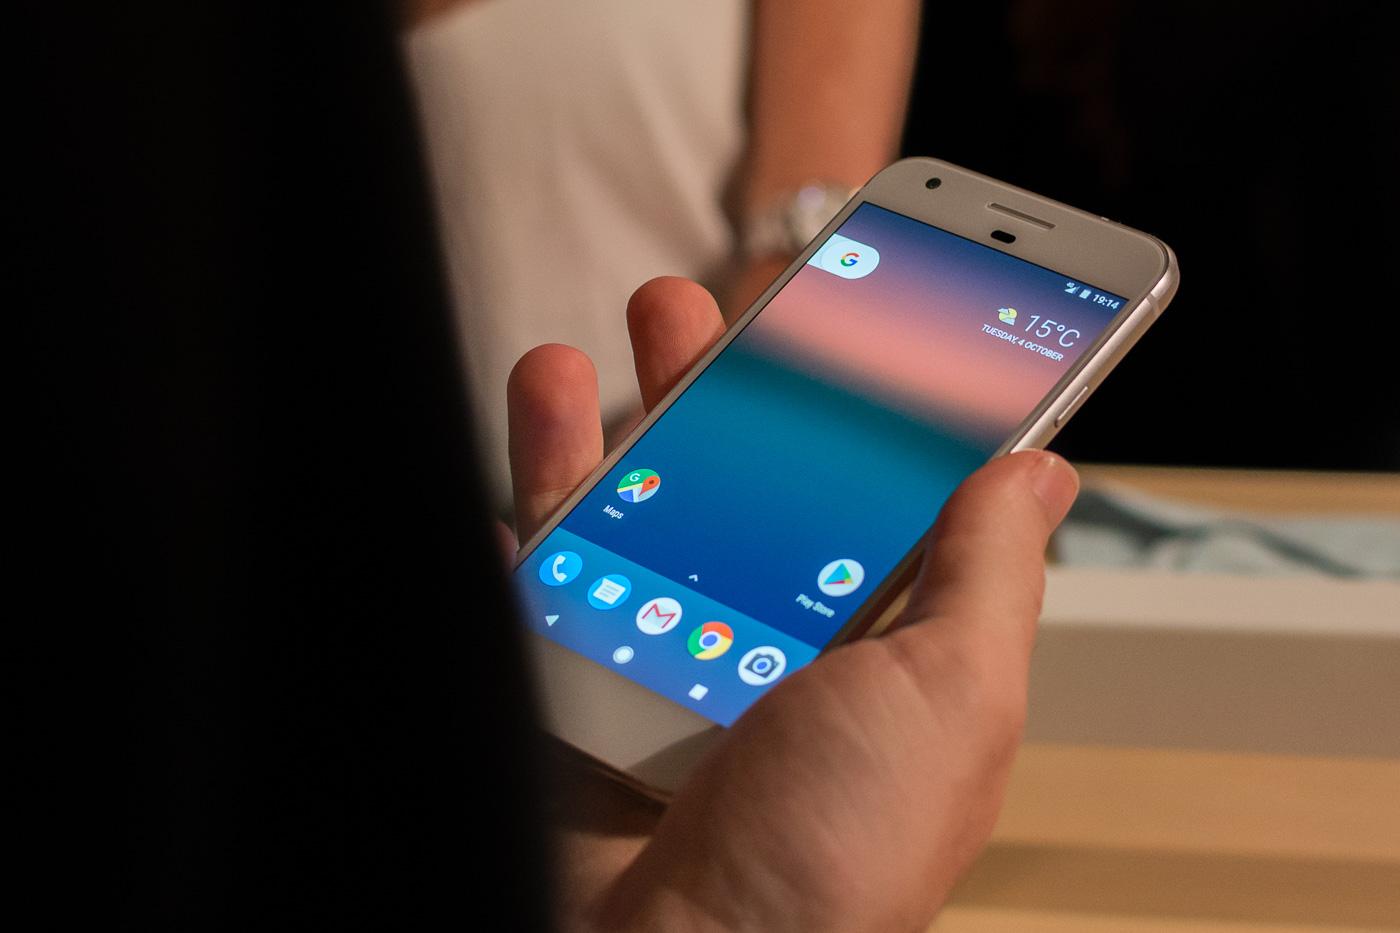 Google zamiast rozwiązać problem aktualizacji Androida, pozwolił na jeszcze większy burdel